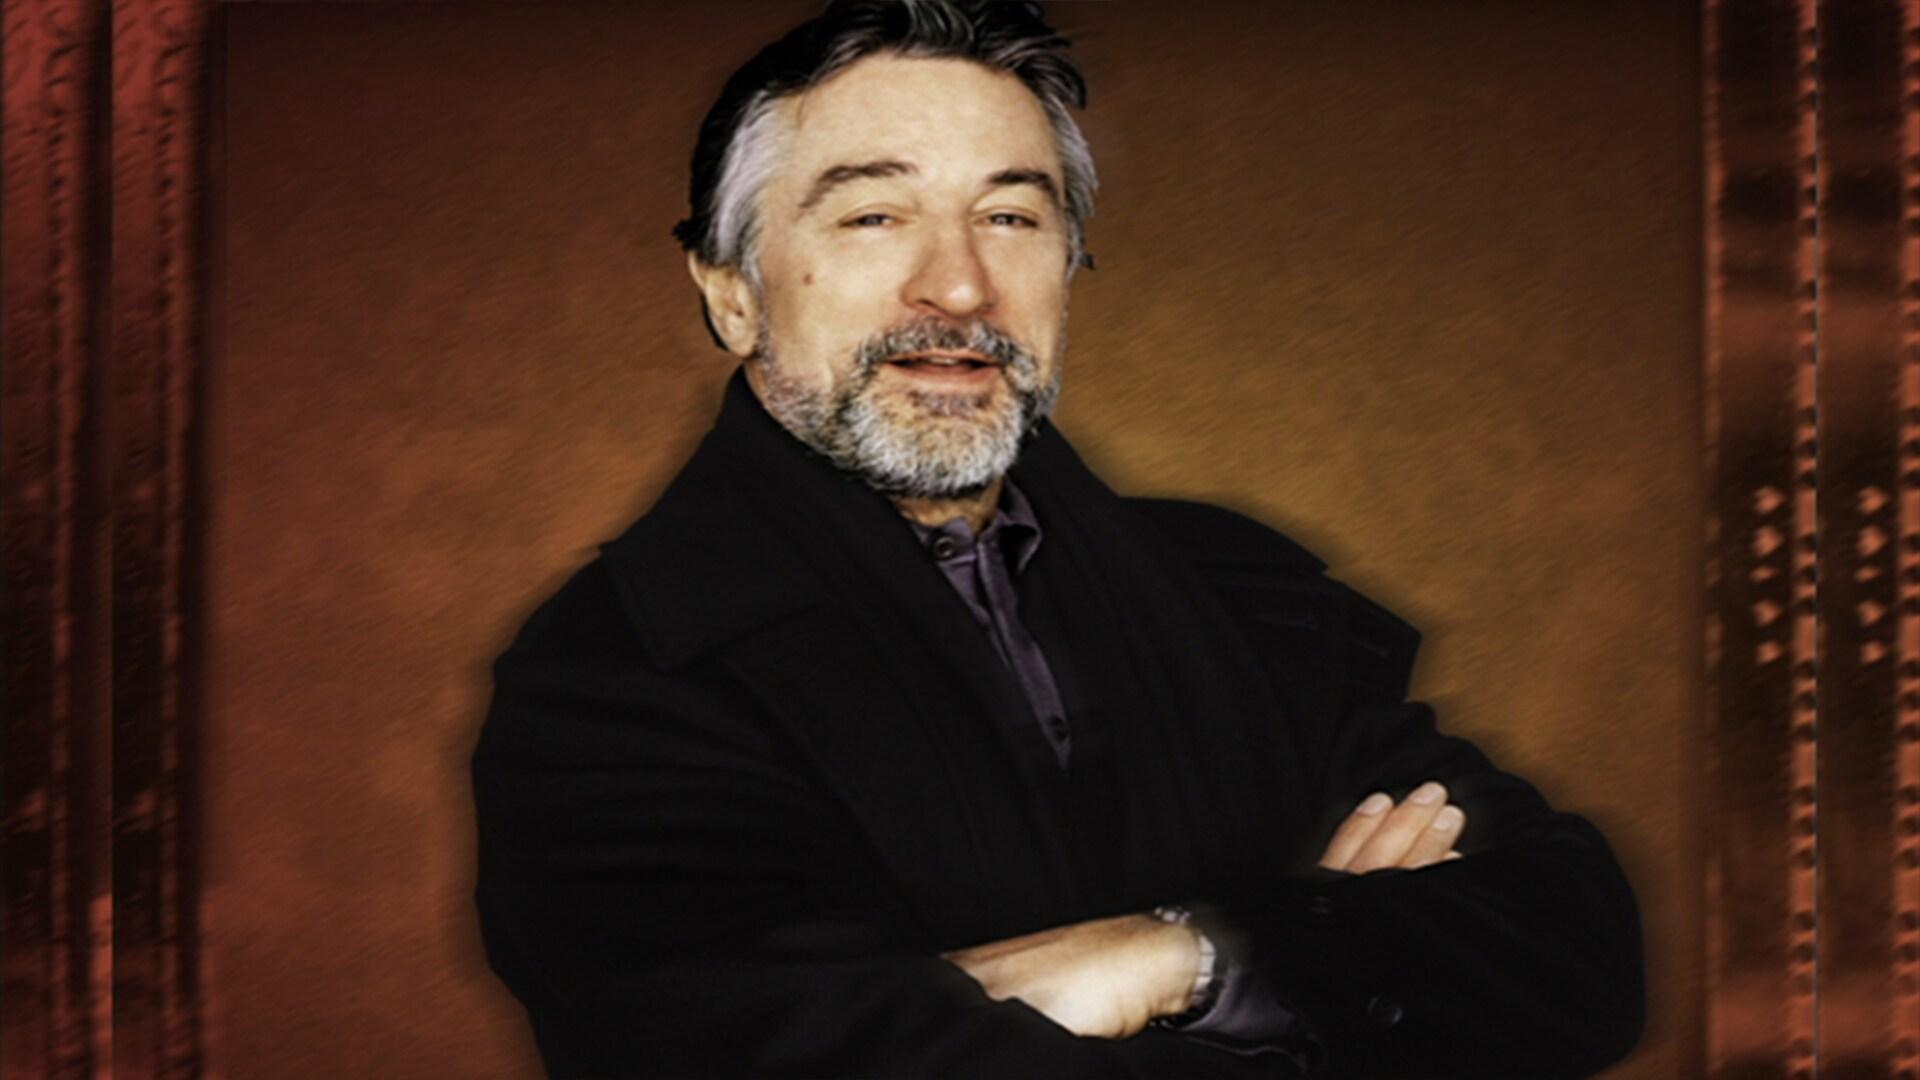 Robert De Niro: December 7, 2002